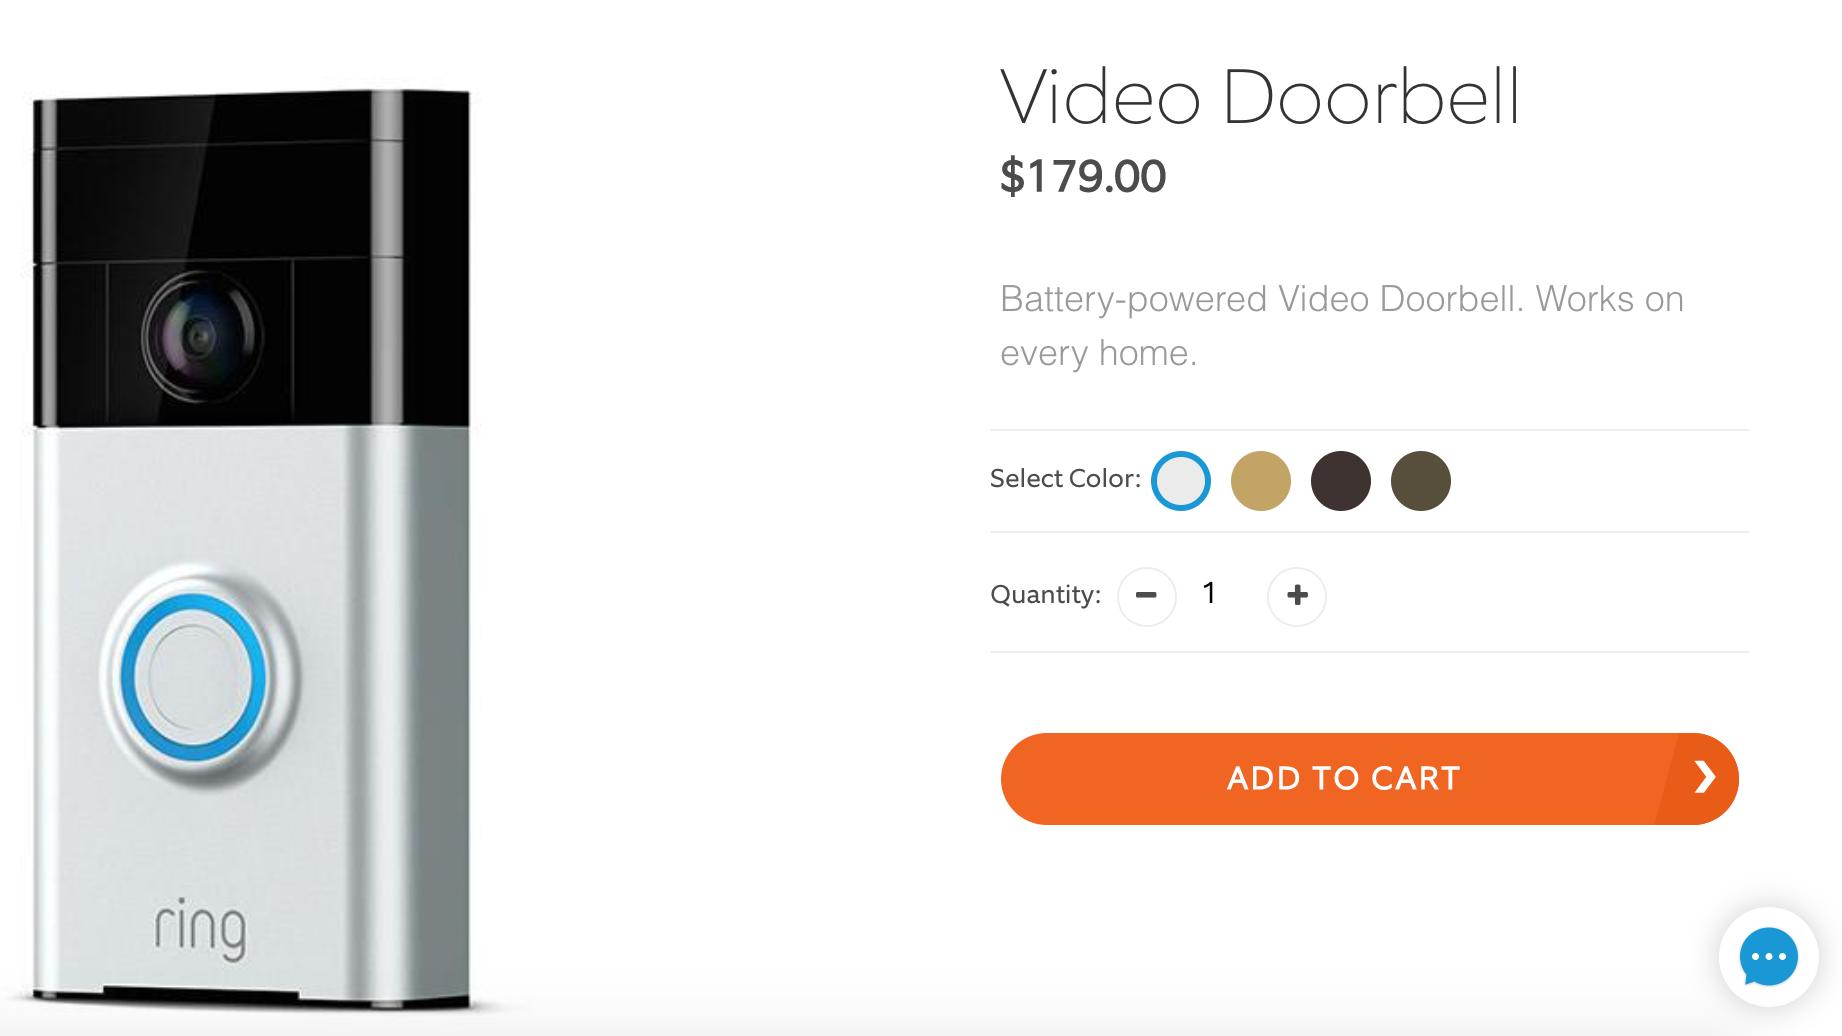 Amazon To Blow Over $1 Billion On Doorbells: Report